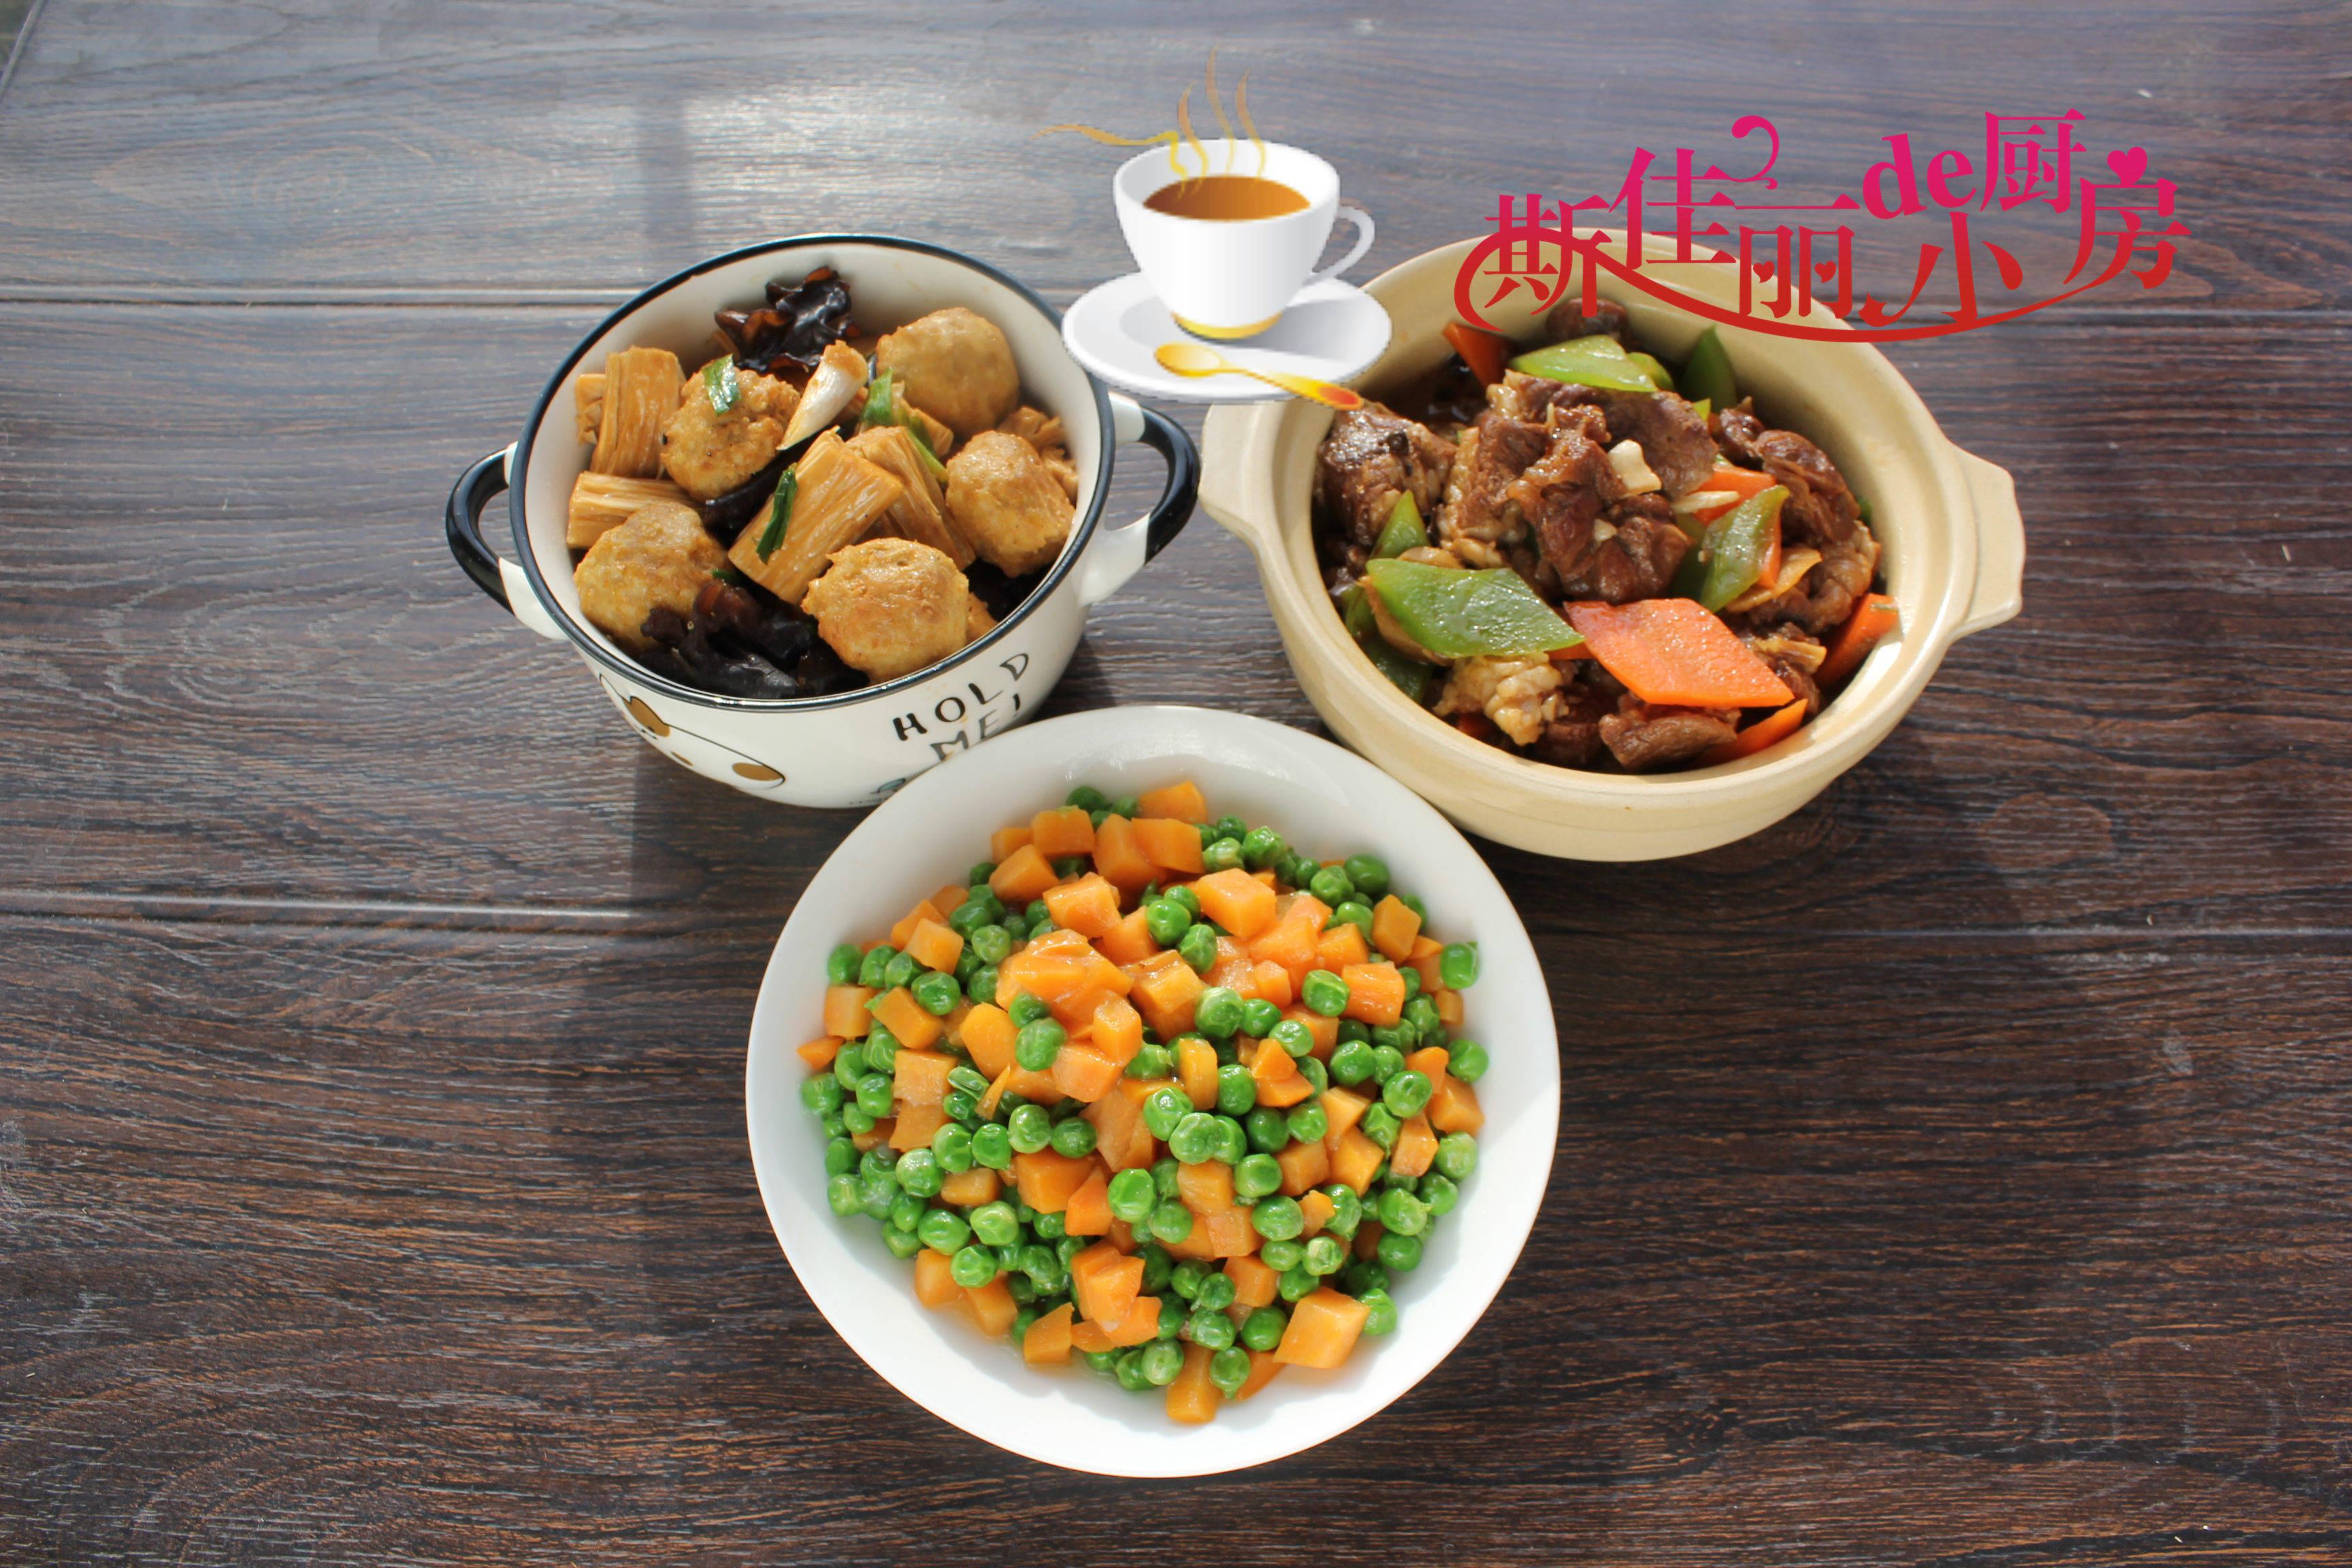 母子俩午餐走红朋友圈,简单营养又美味,网友:妈妈菜就是香